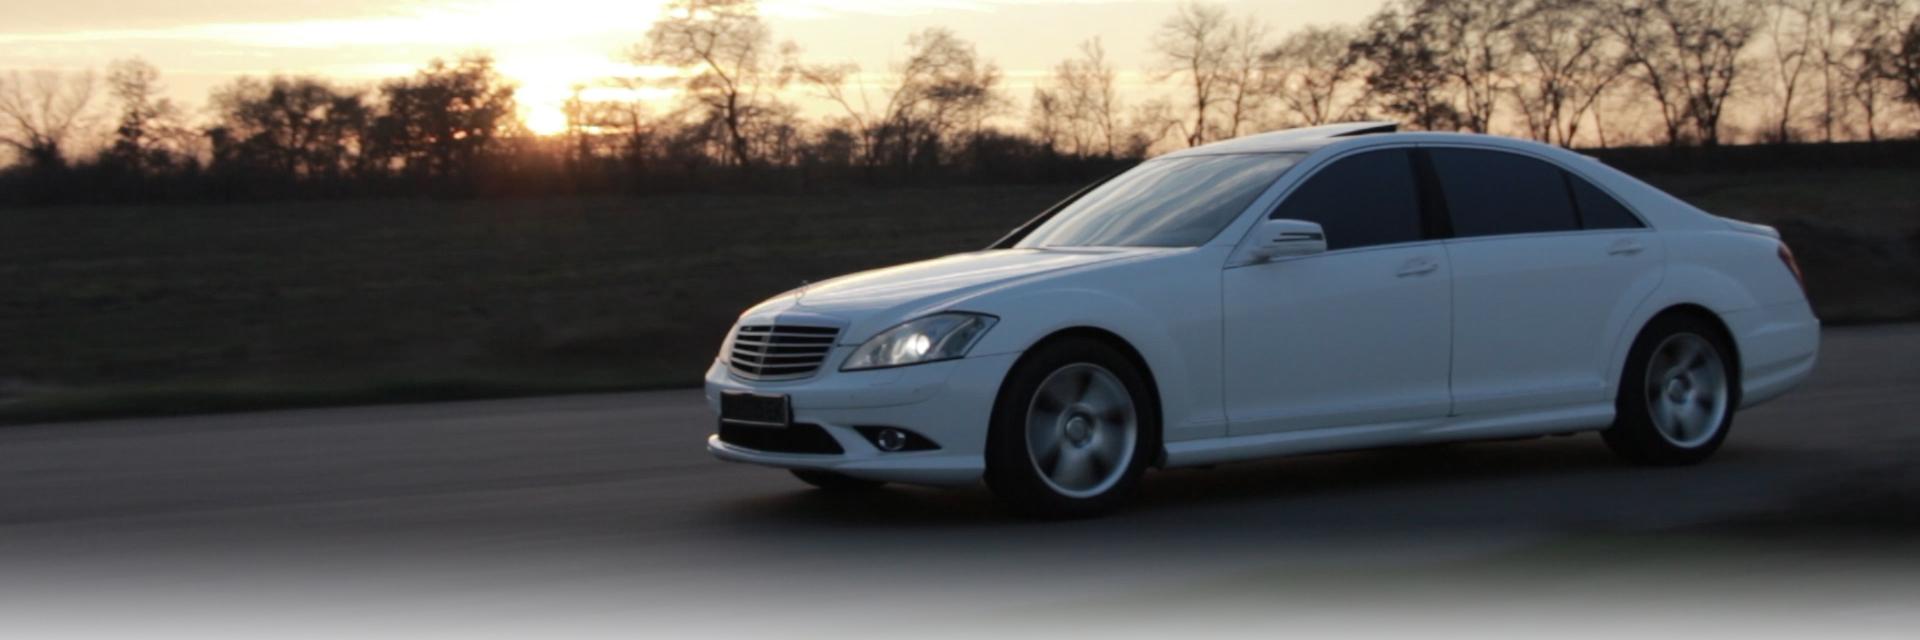 66f0022e01d8f5 Autobond – Car hire, limousines, vans Odessa | Заказ, аренда, прокат ...